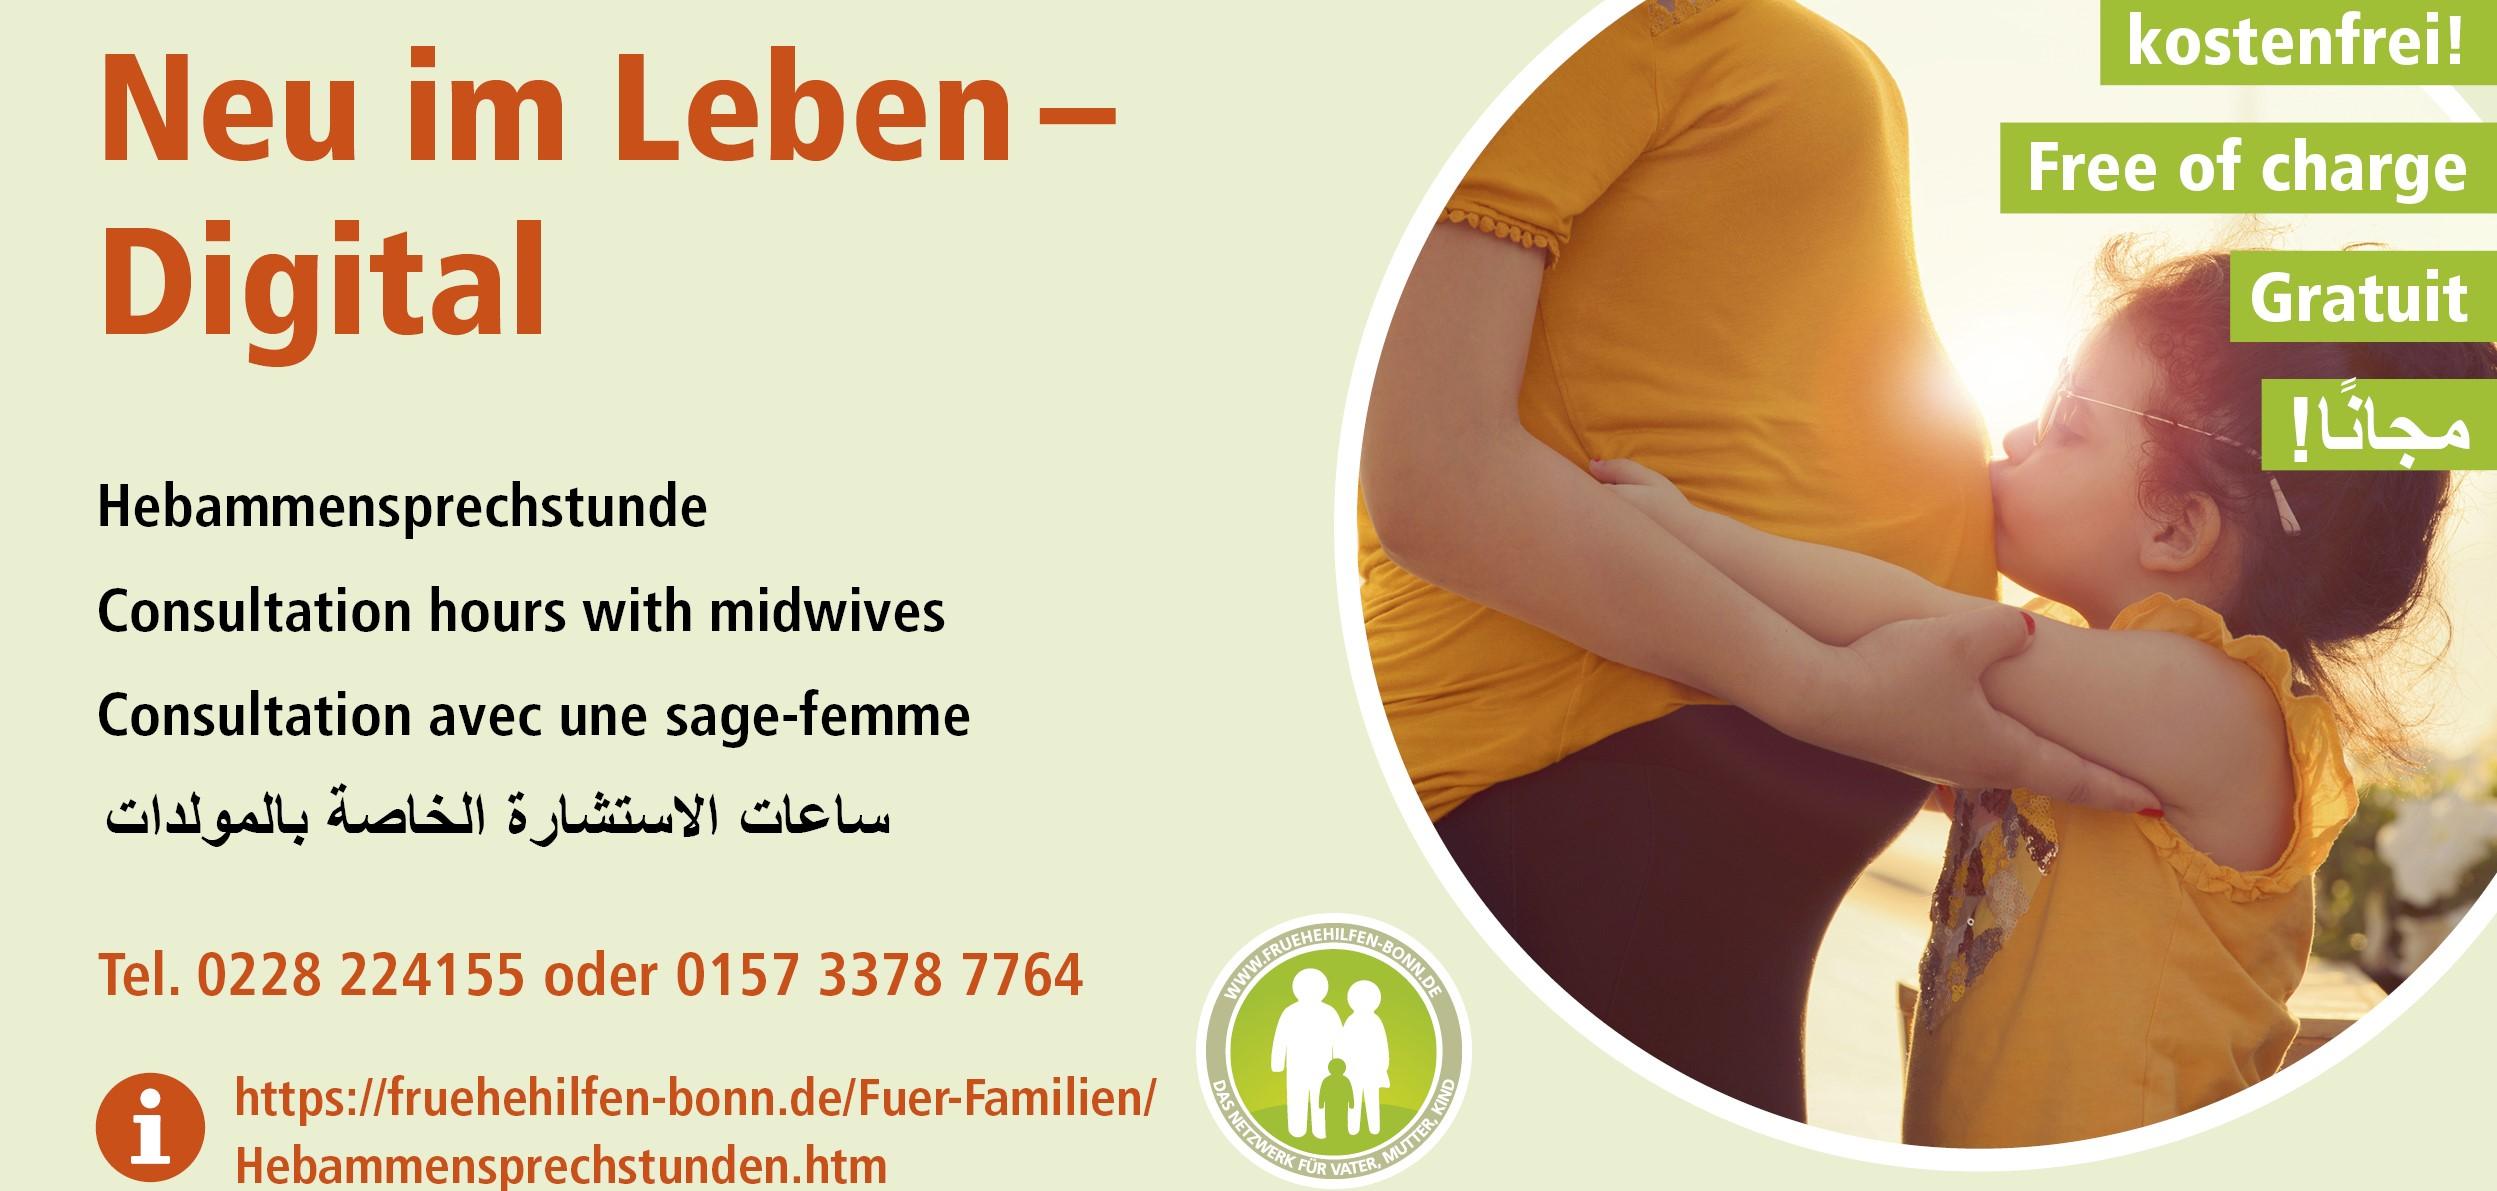 ansicht_infografik_neu_im_leben_nov_2020_fb-website._69f78b8cd4c1526395350cf2d87b2739.jpg